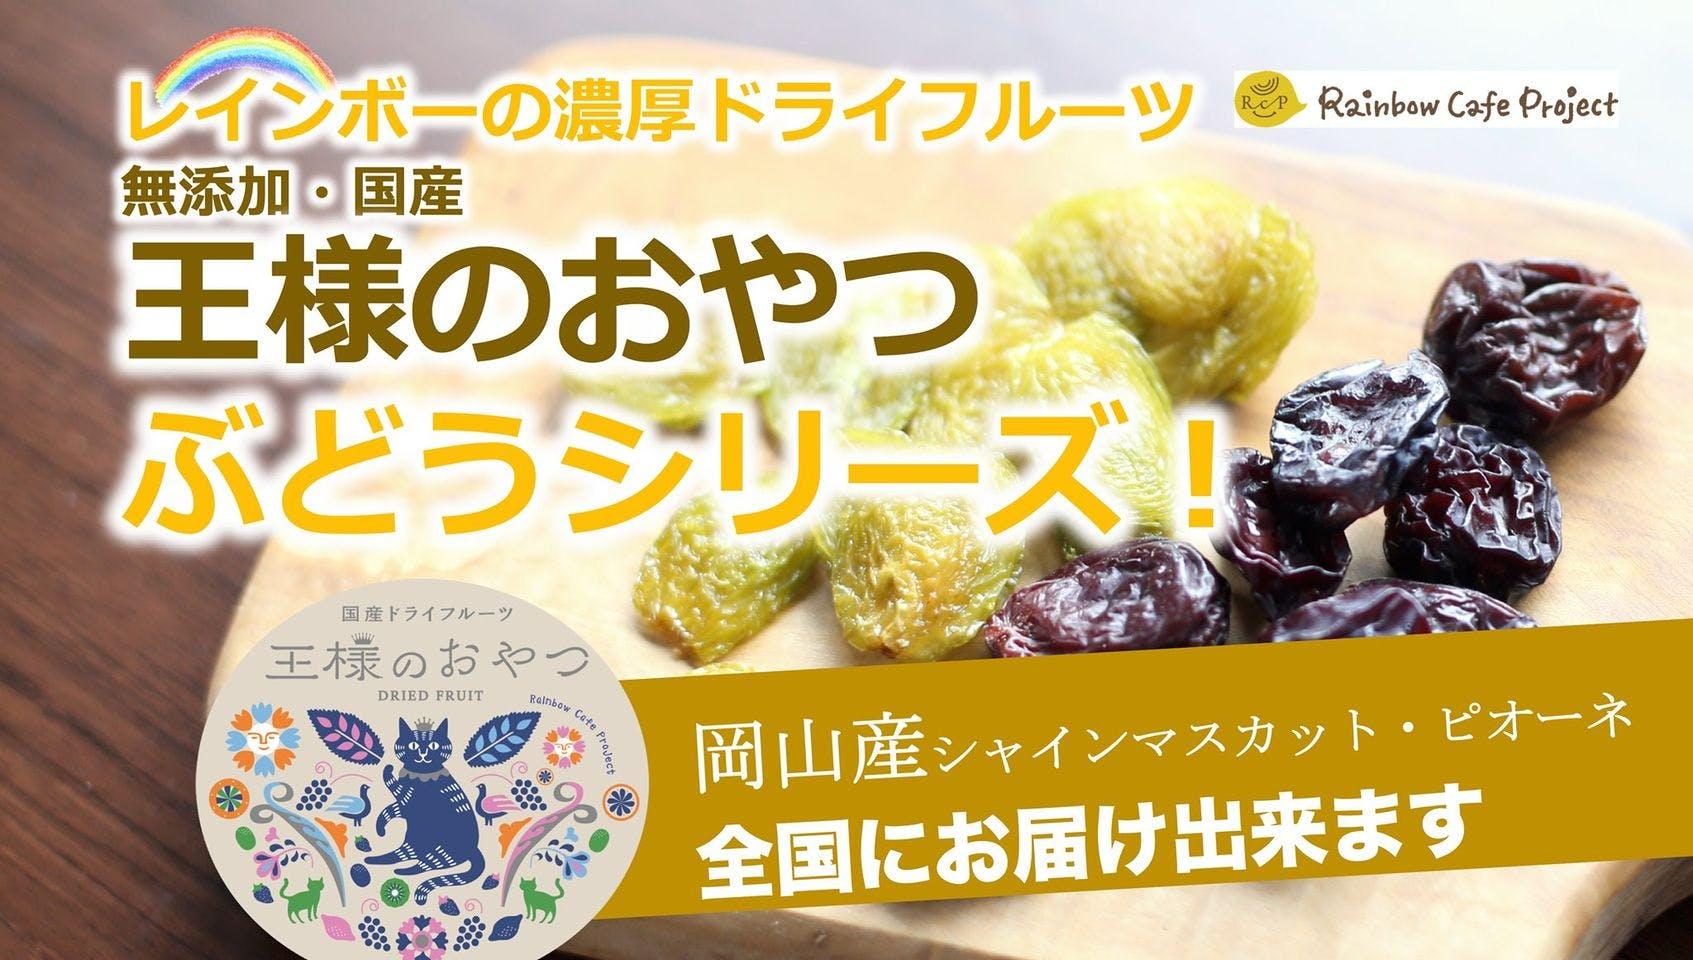 画像に含まれている可能性があるもの:食べ物、、「Rainbow Cafe Project レインボーの濃厚ドライフルーツ 無添加·国産 王様のおやつ ぶどラシリーズ! 国産ドライフルーツ 王様のおやつ DRIED FRUIT 岡山産シャインマスカット ピオーネ 全国にお届け出来ます」というテキスト